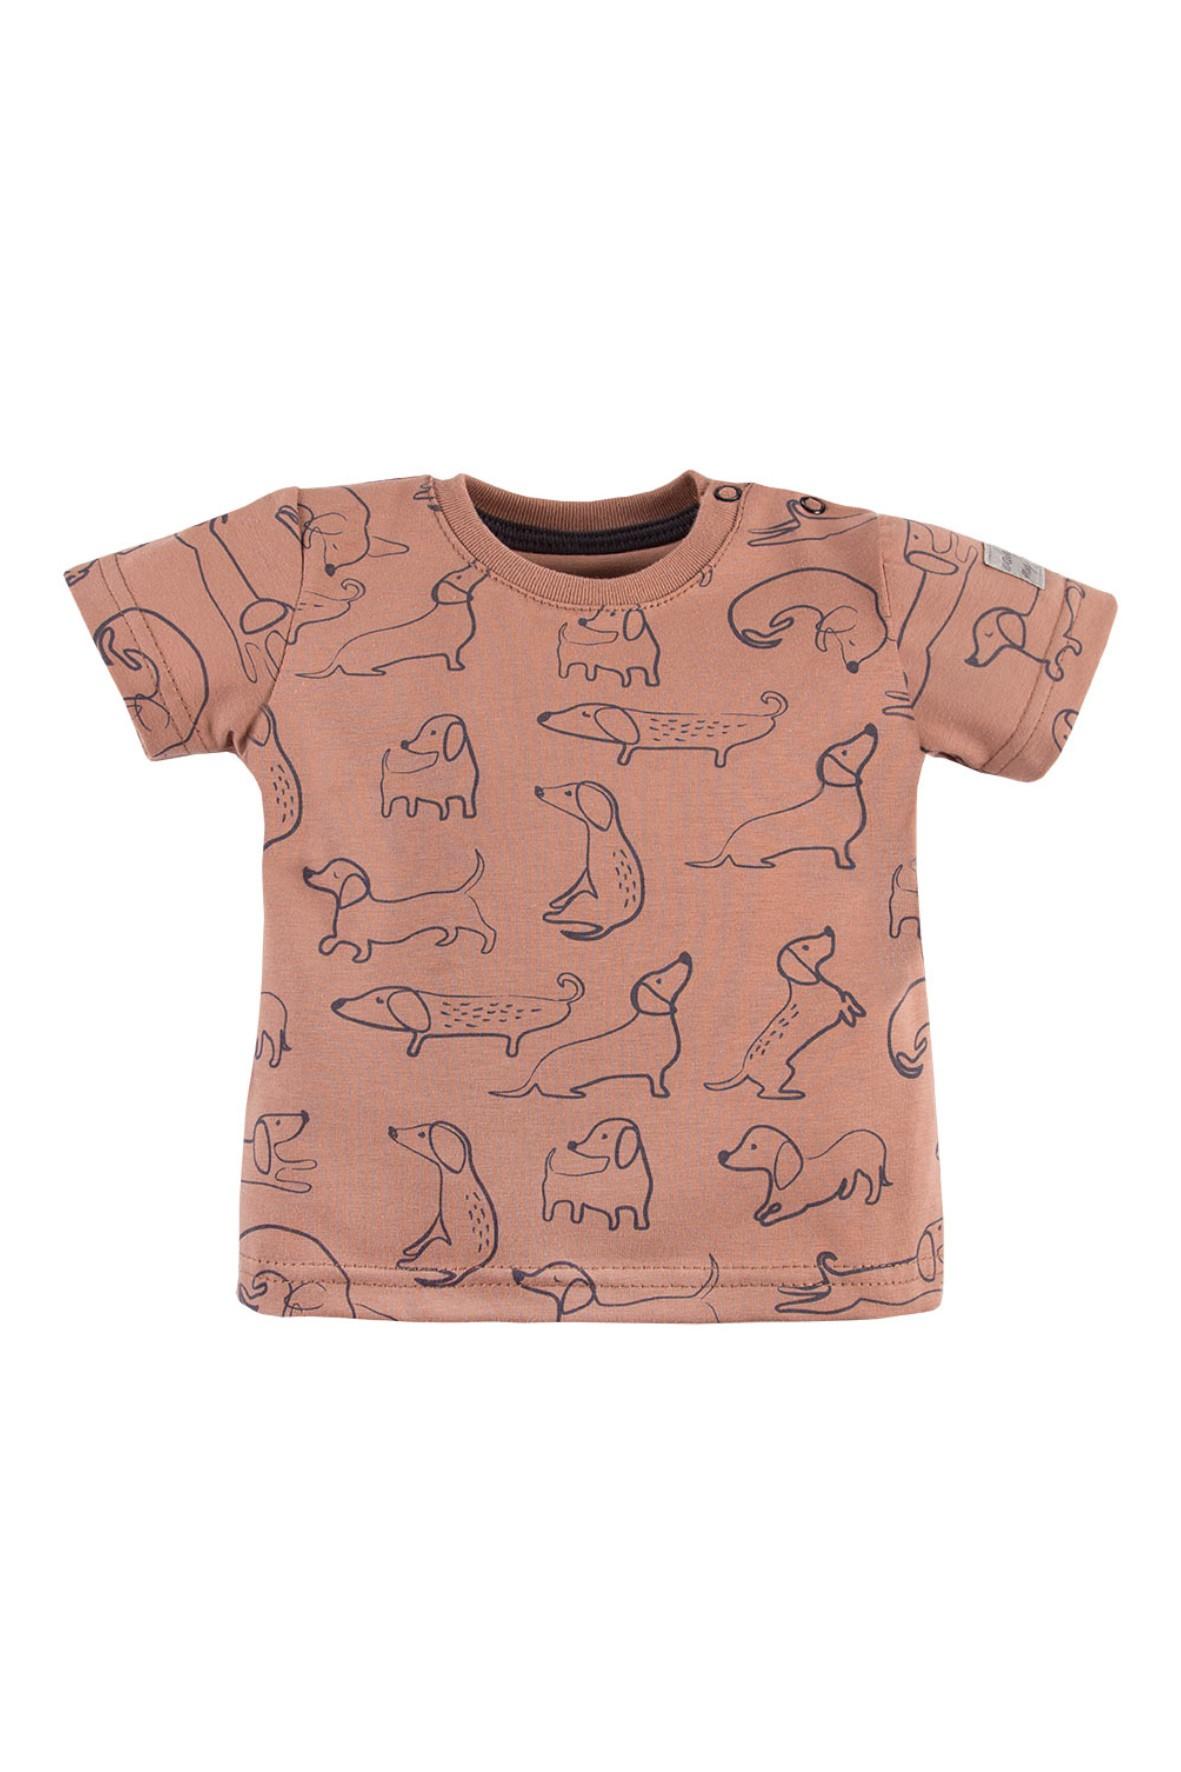 T-shirt LAZY DAYS brązowy w pieski